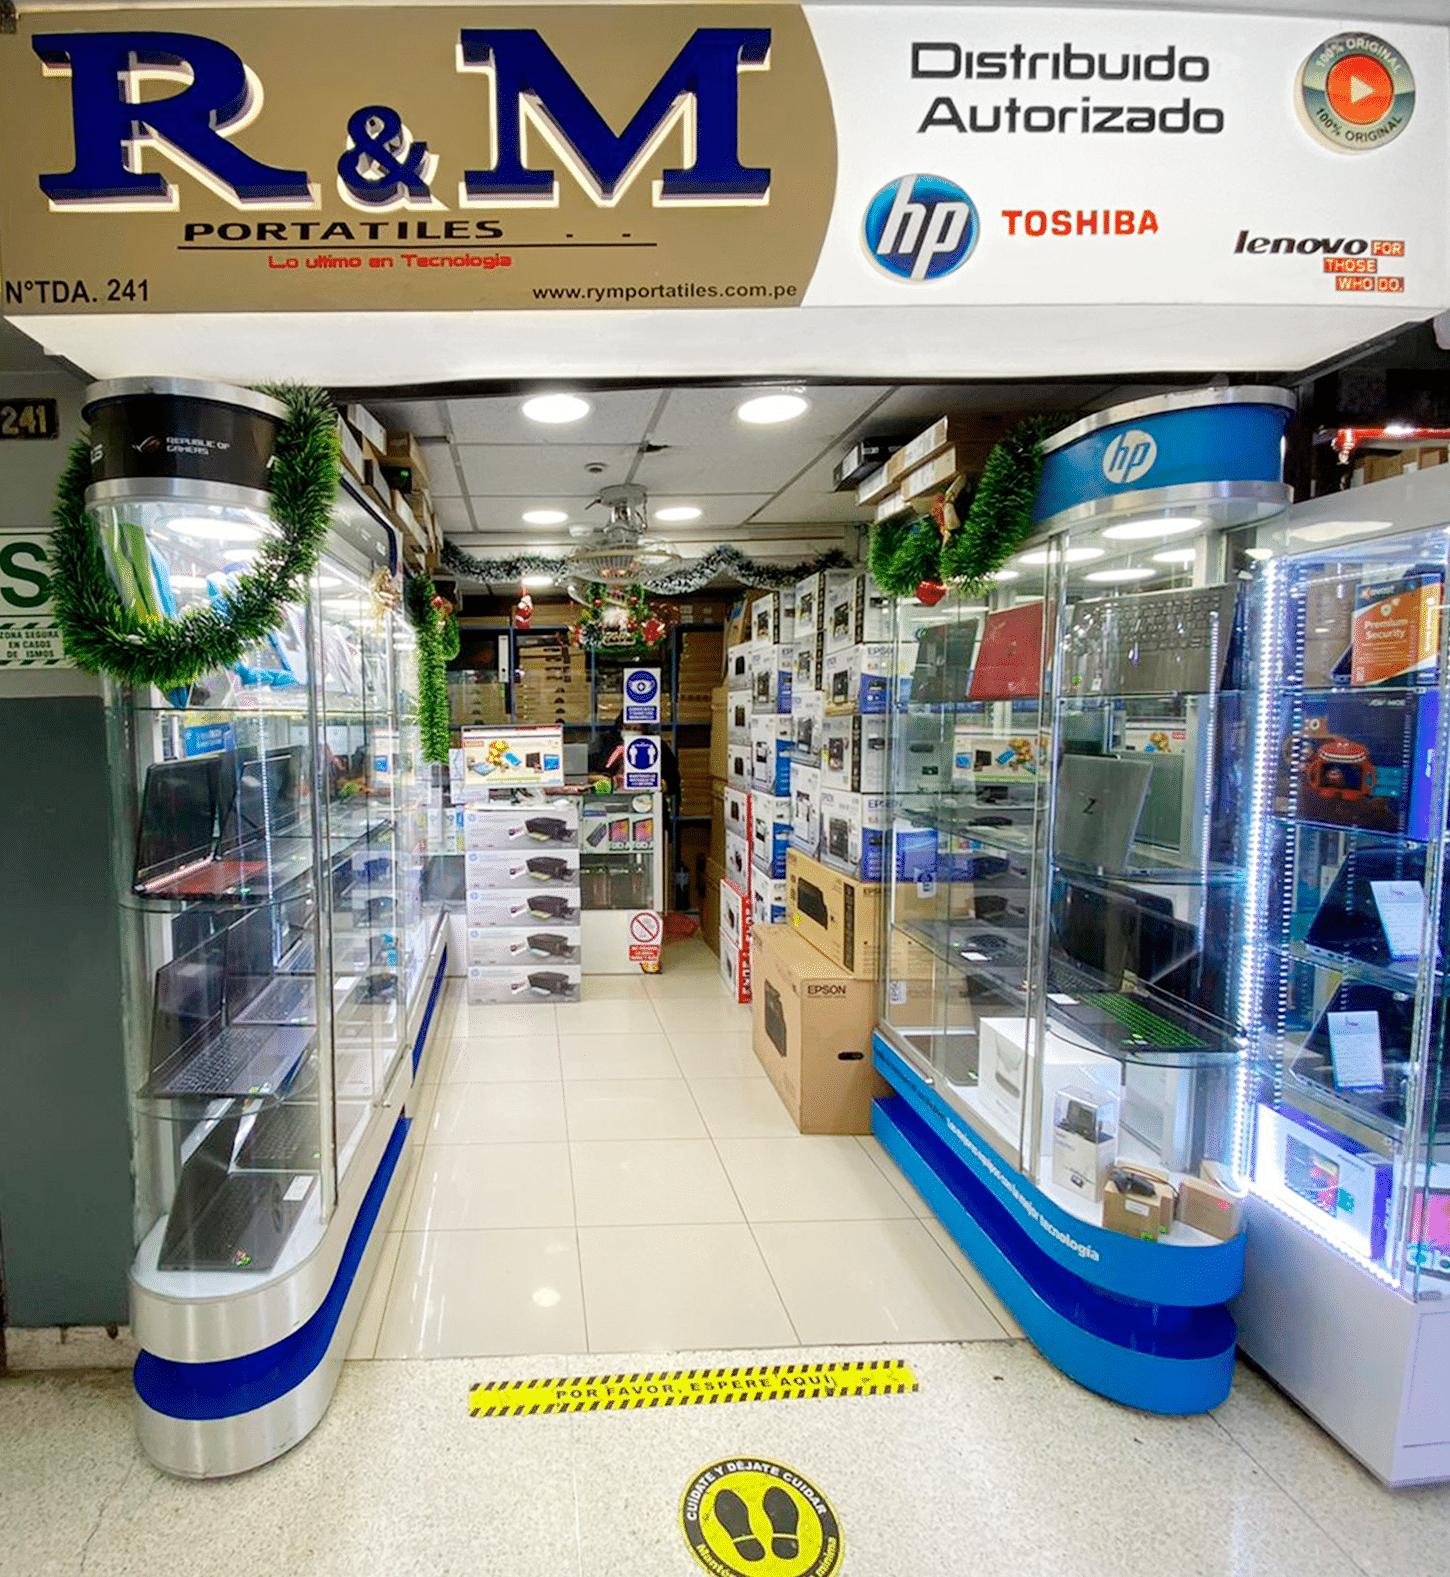 Nuestras tiendas - 241 - R&M Portátiles